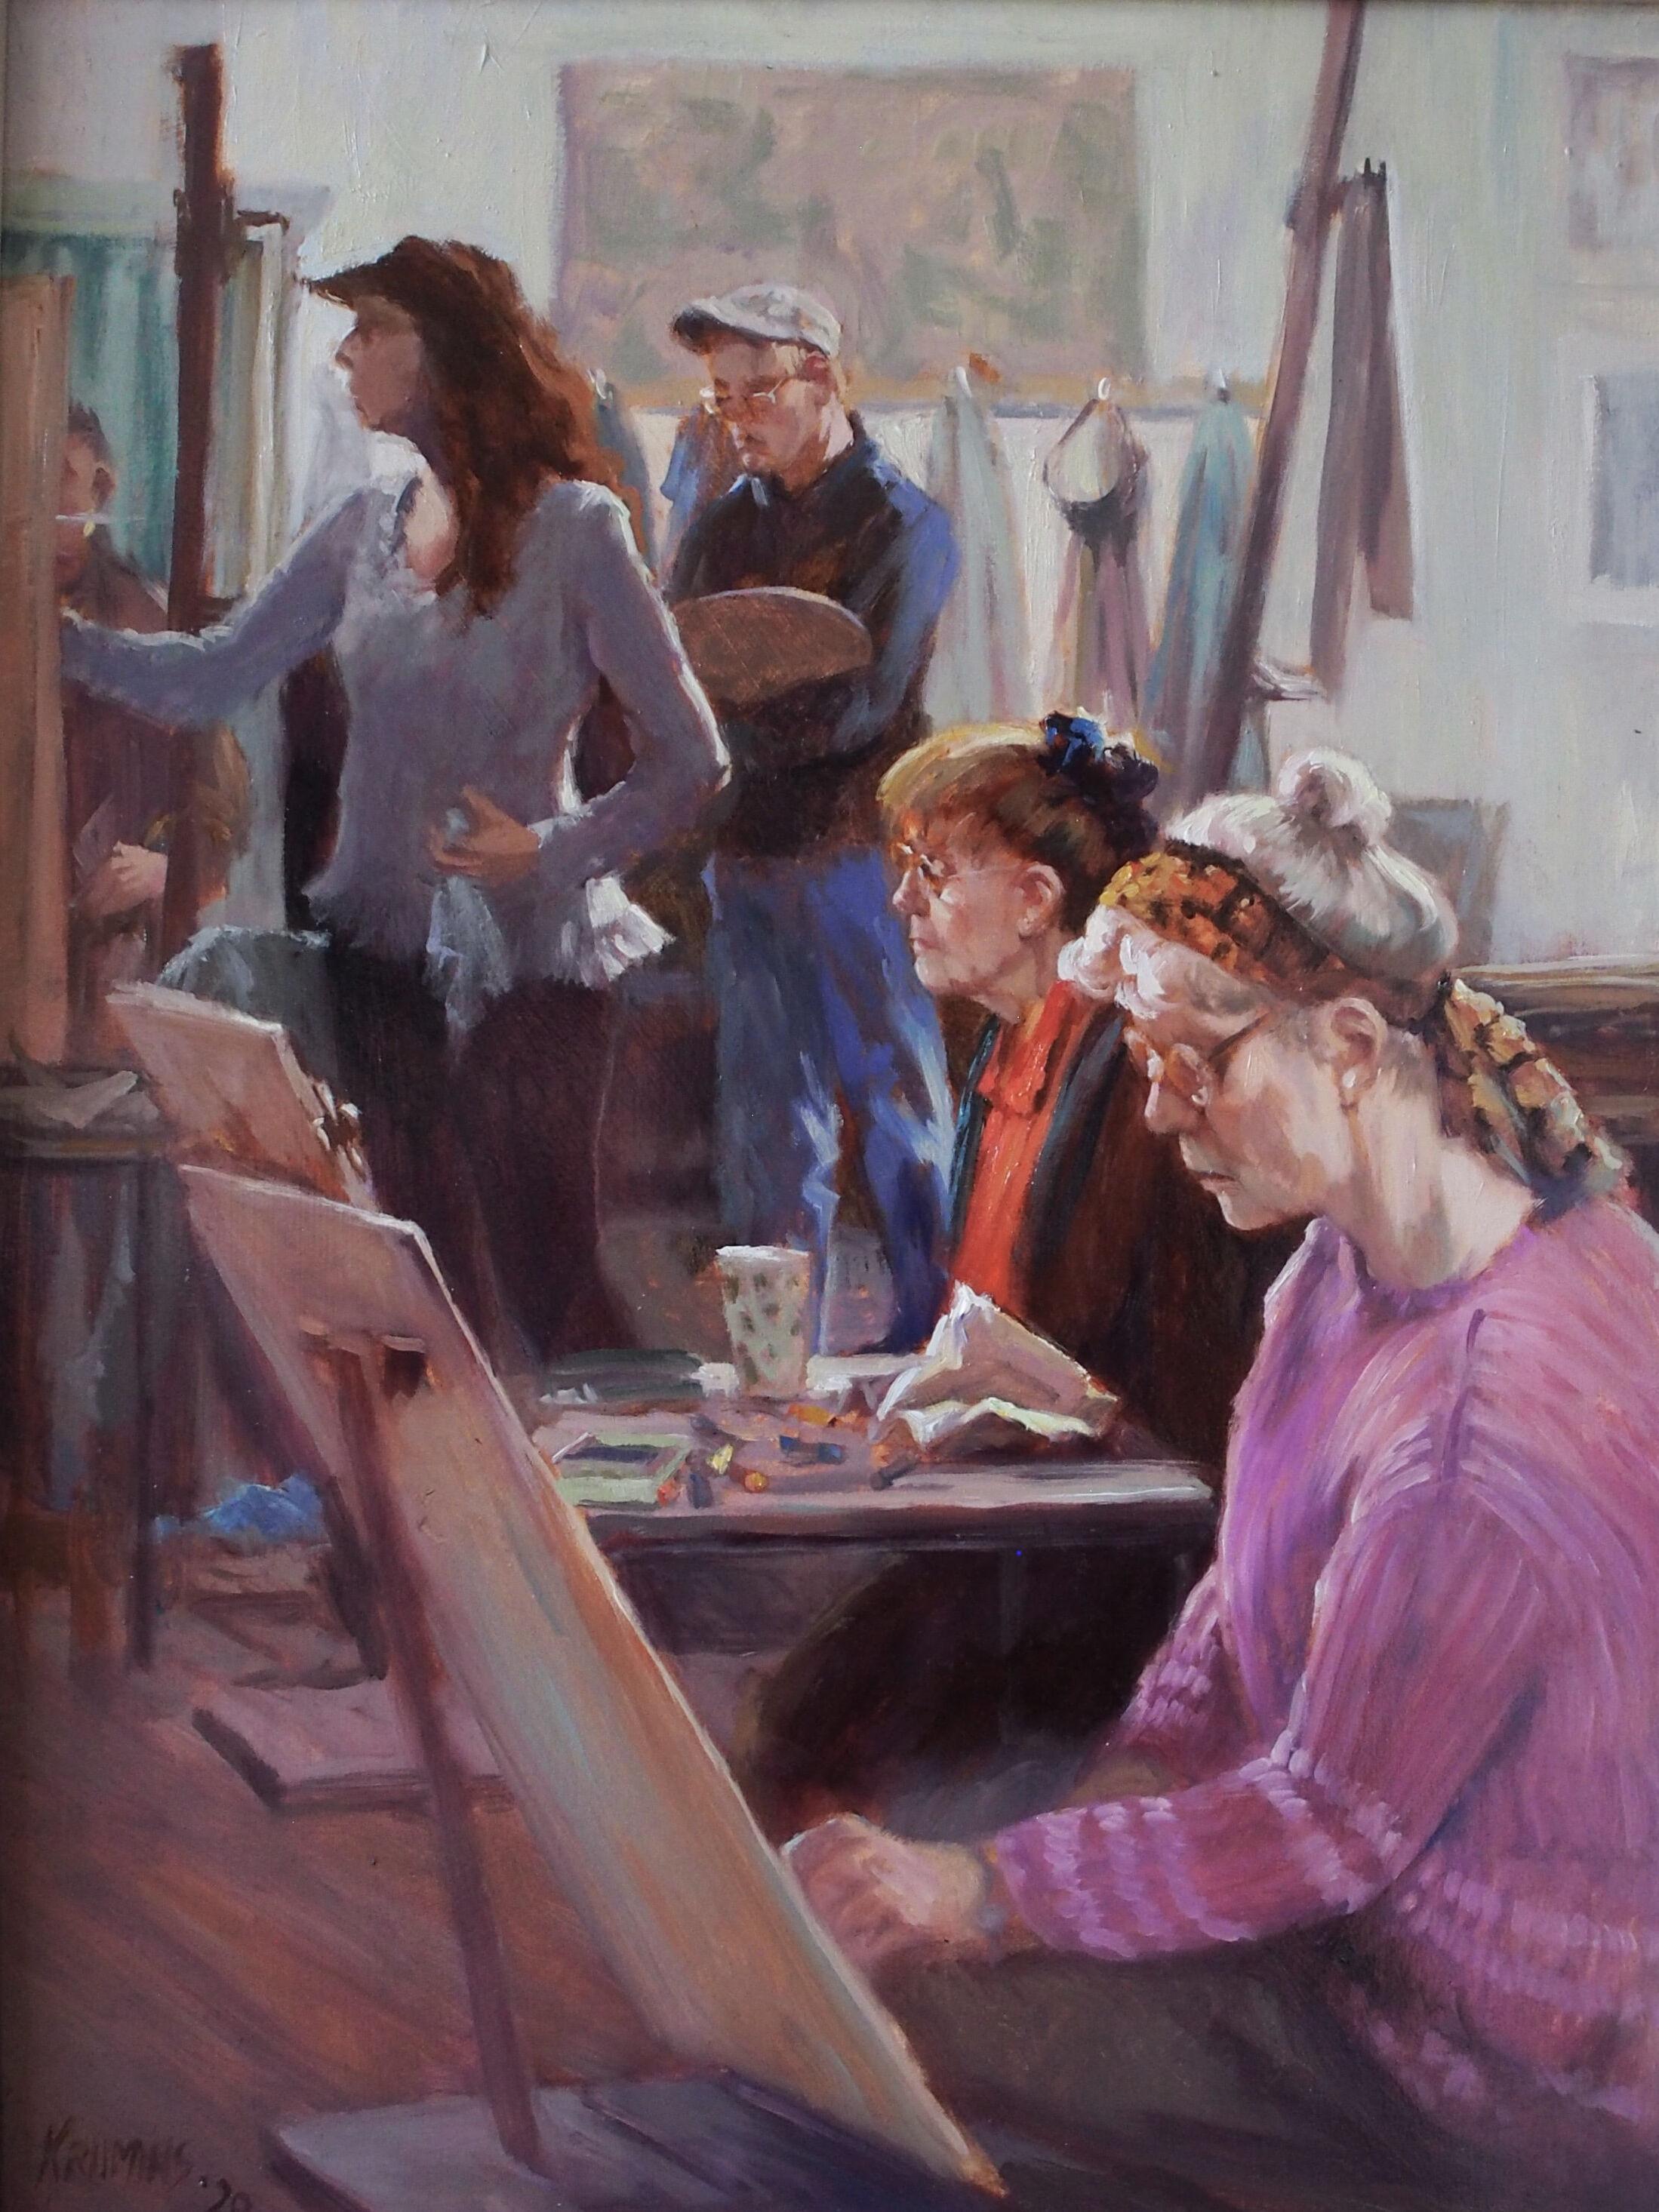 Artists Painting in the VAS Studio. Oil Painting by Gwen Krumins